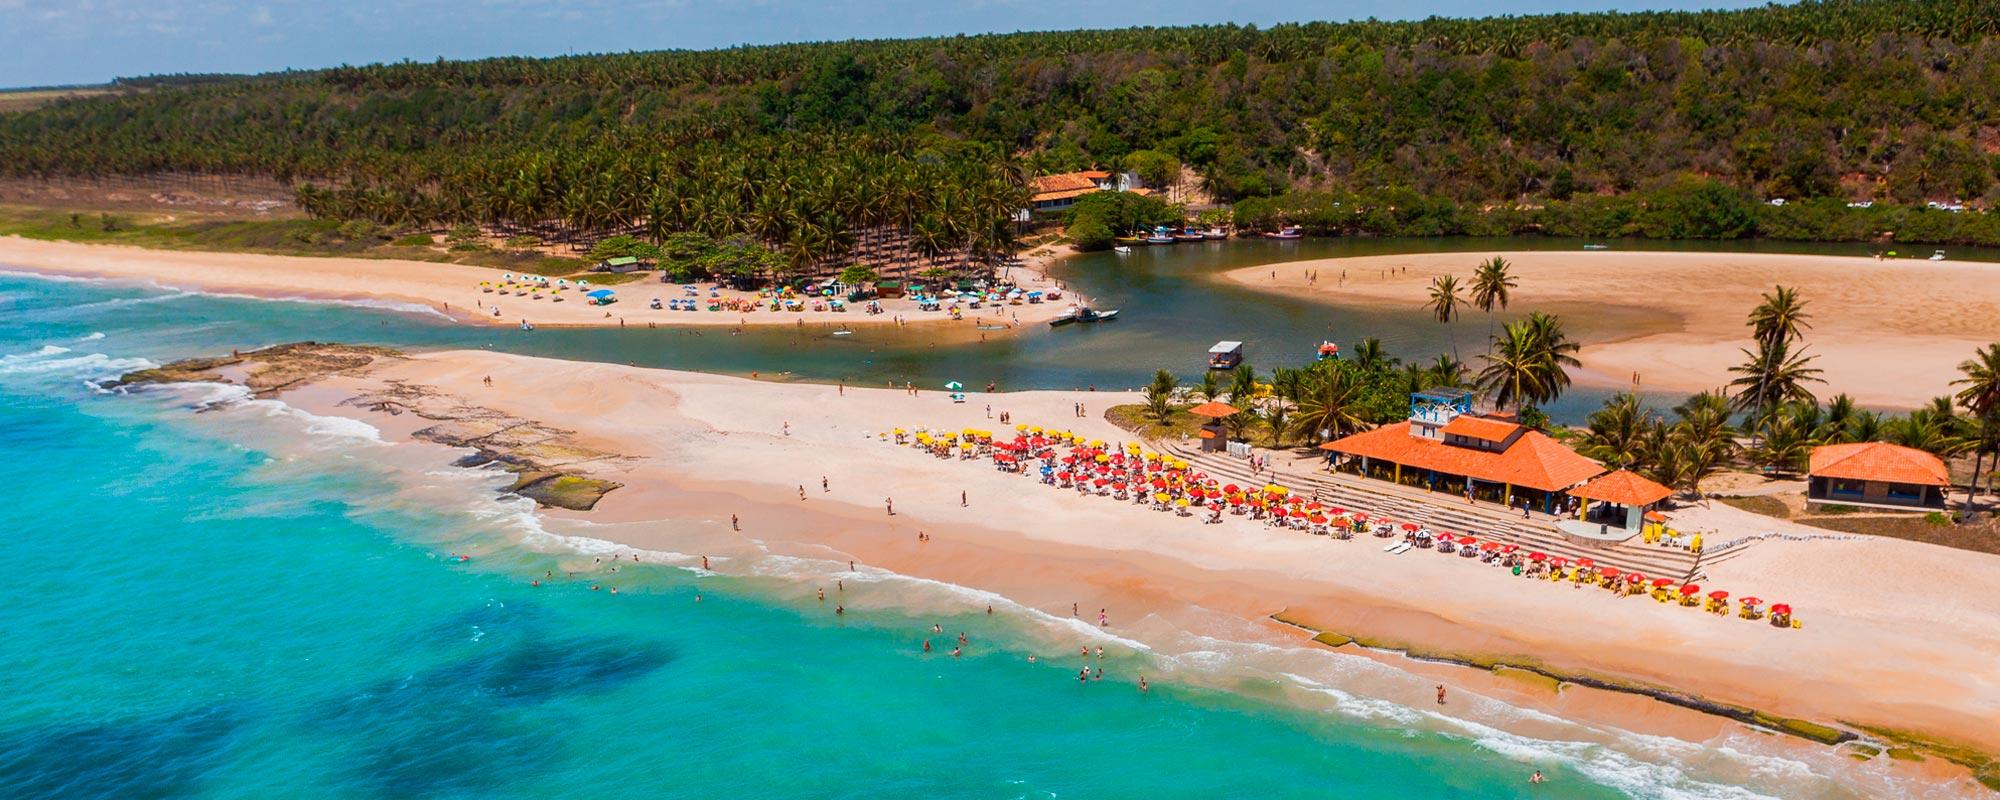 Passeio Tutísticos em Alagoas